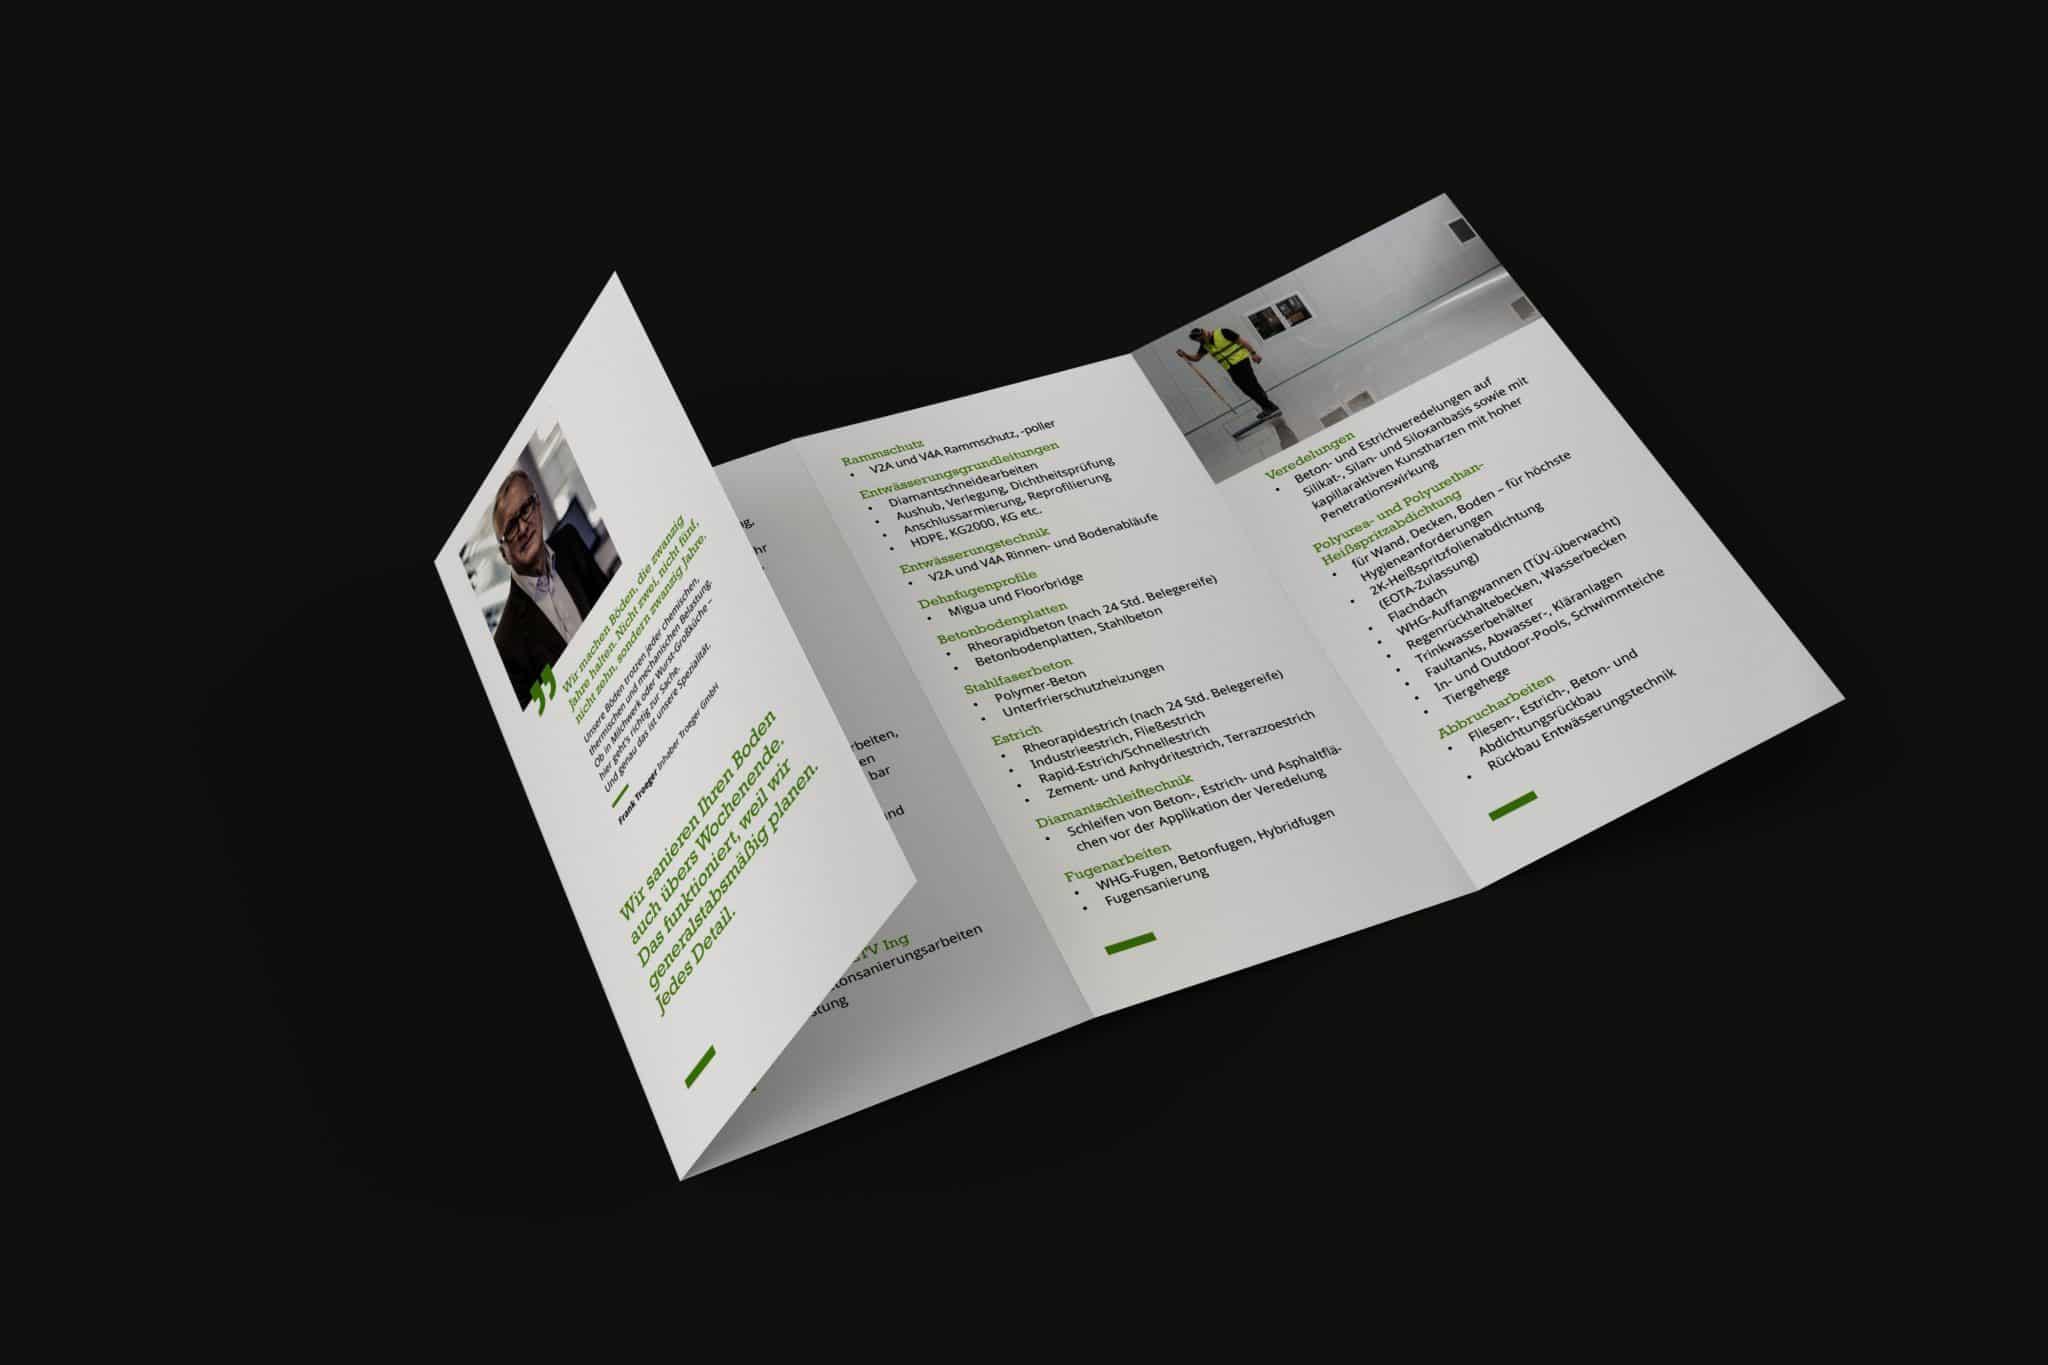 Werbung Folder aufgeschlagen-3